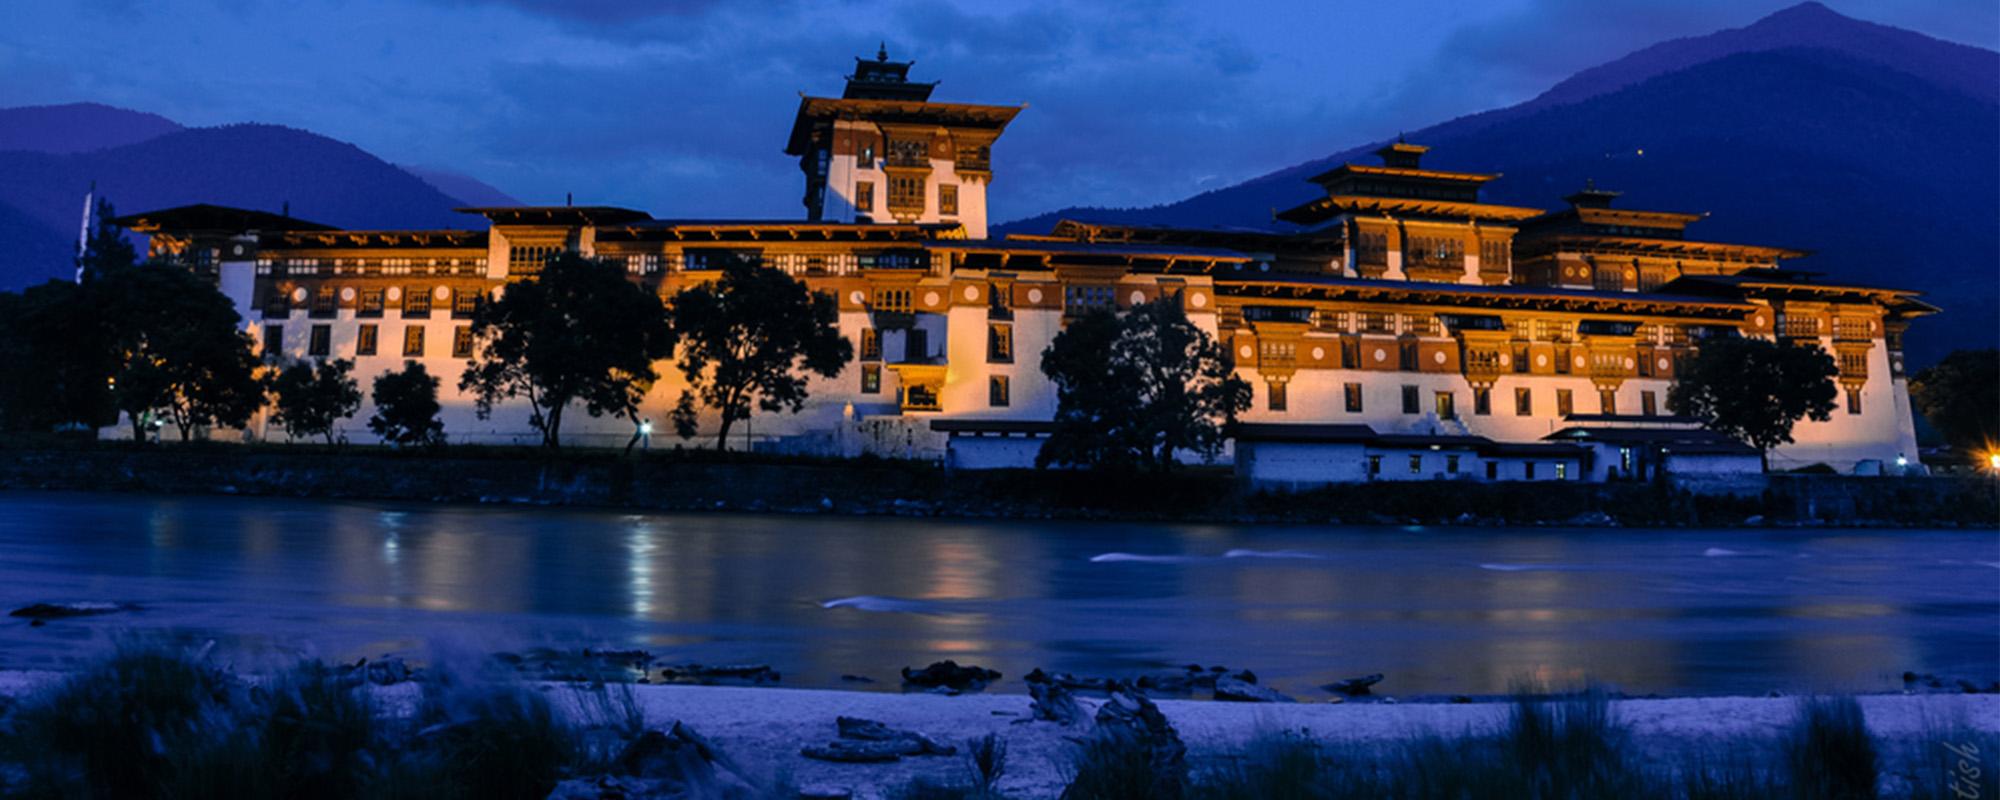 TOP 6 REASONS TO VISIT BHUTAN IN 2022